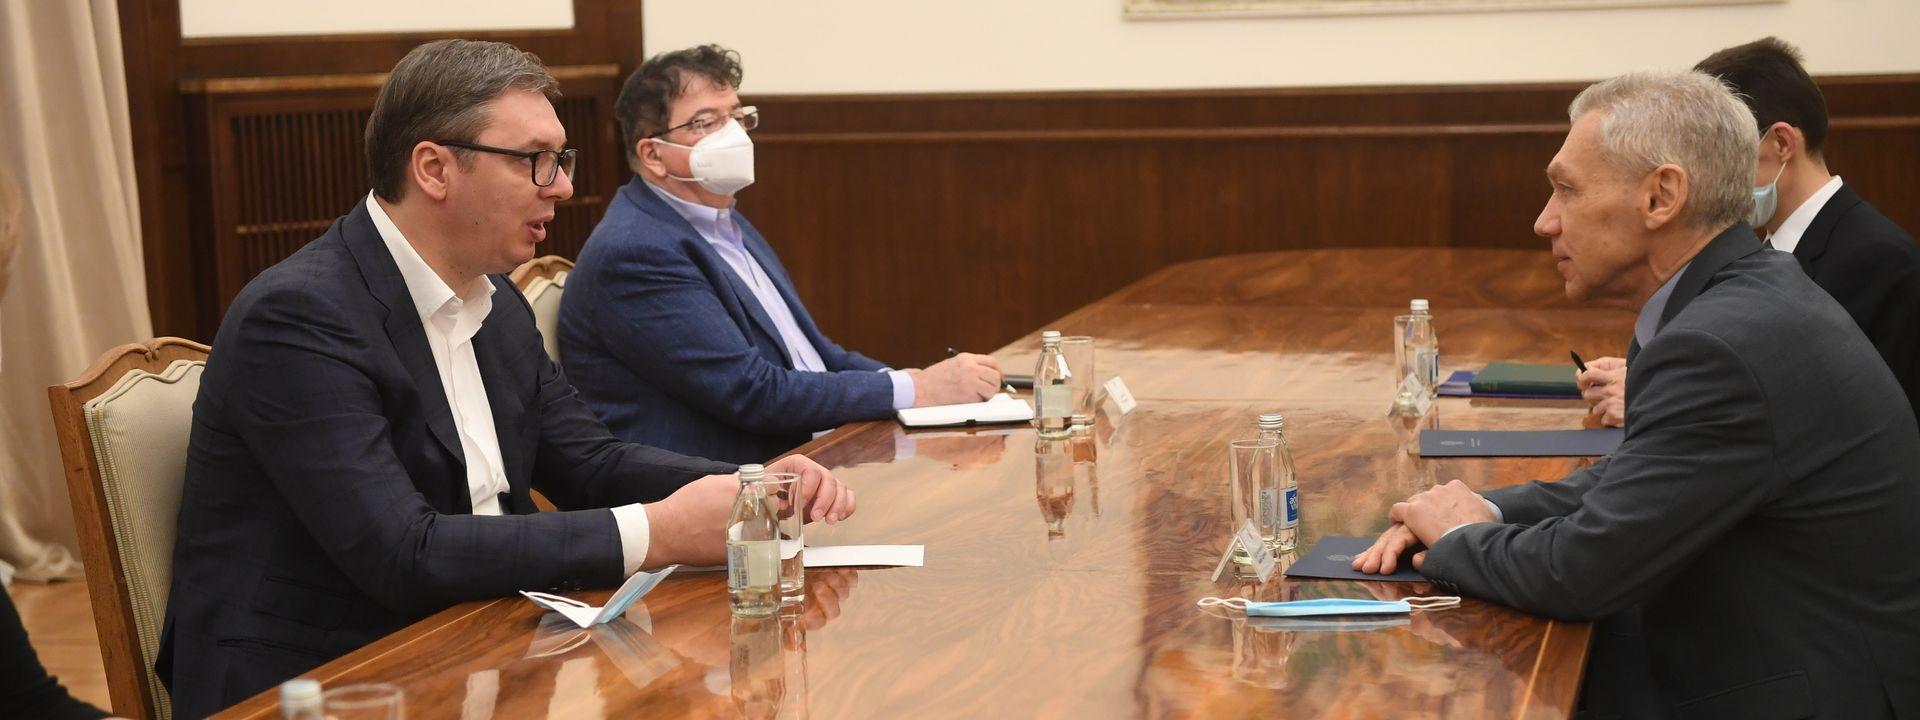 Вучић и Харченко разговарали о билатералним односима и регионалној ситуацији